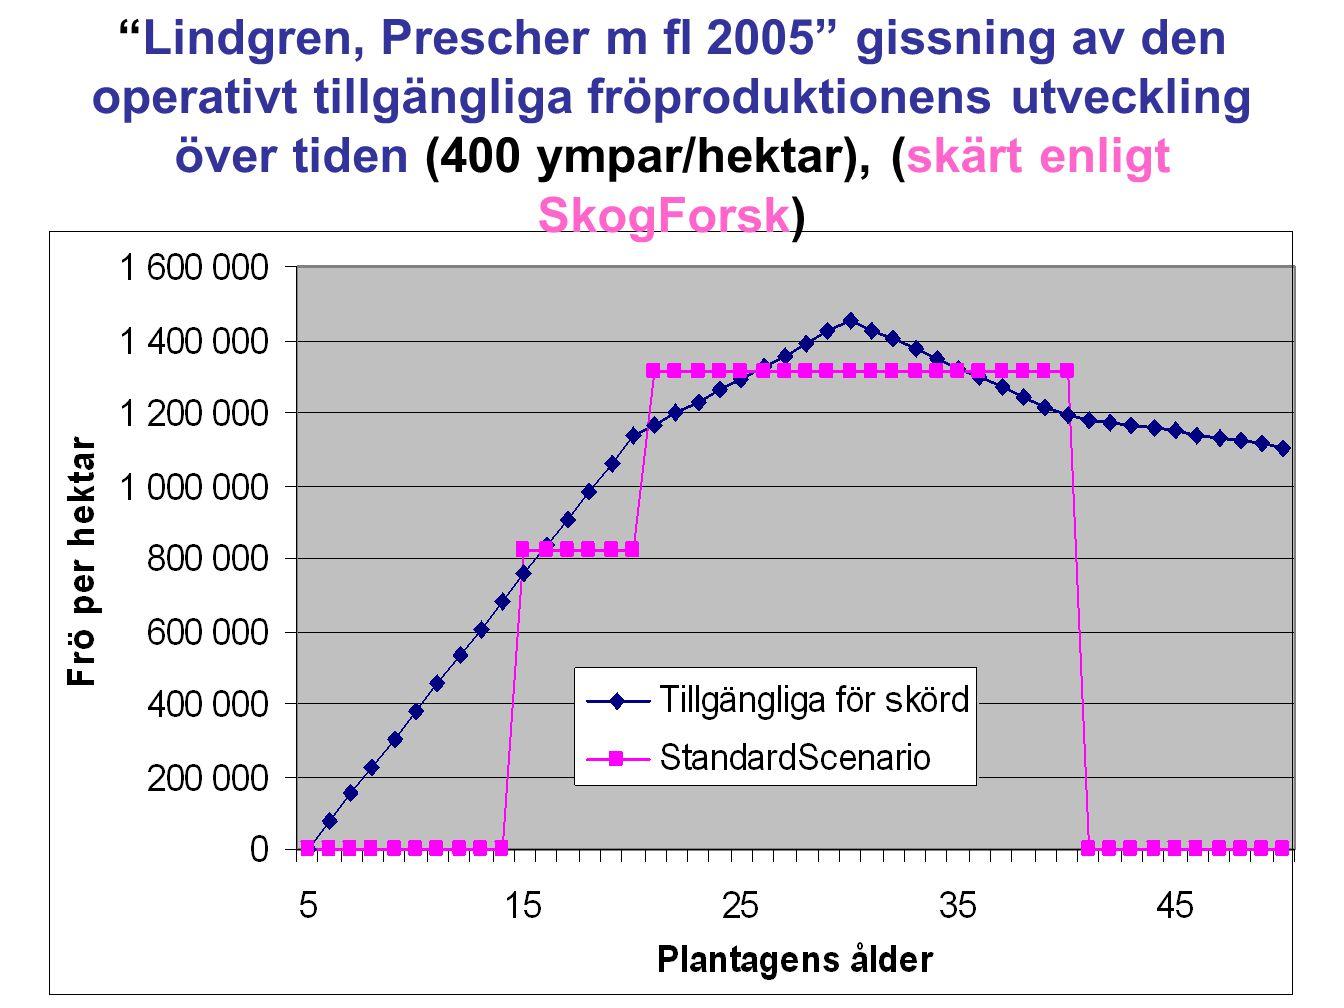 Lindgren, Prescher m fl 2005 gissning av den operativt tillgängliga fröproduktionens utveckling över tiden (400 ympar/hektar), (skärt enligt SkogForsk)